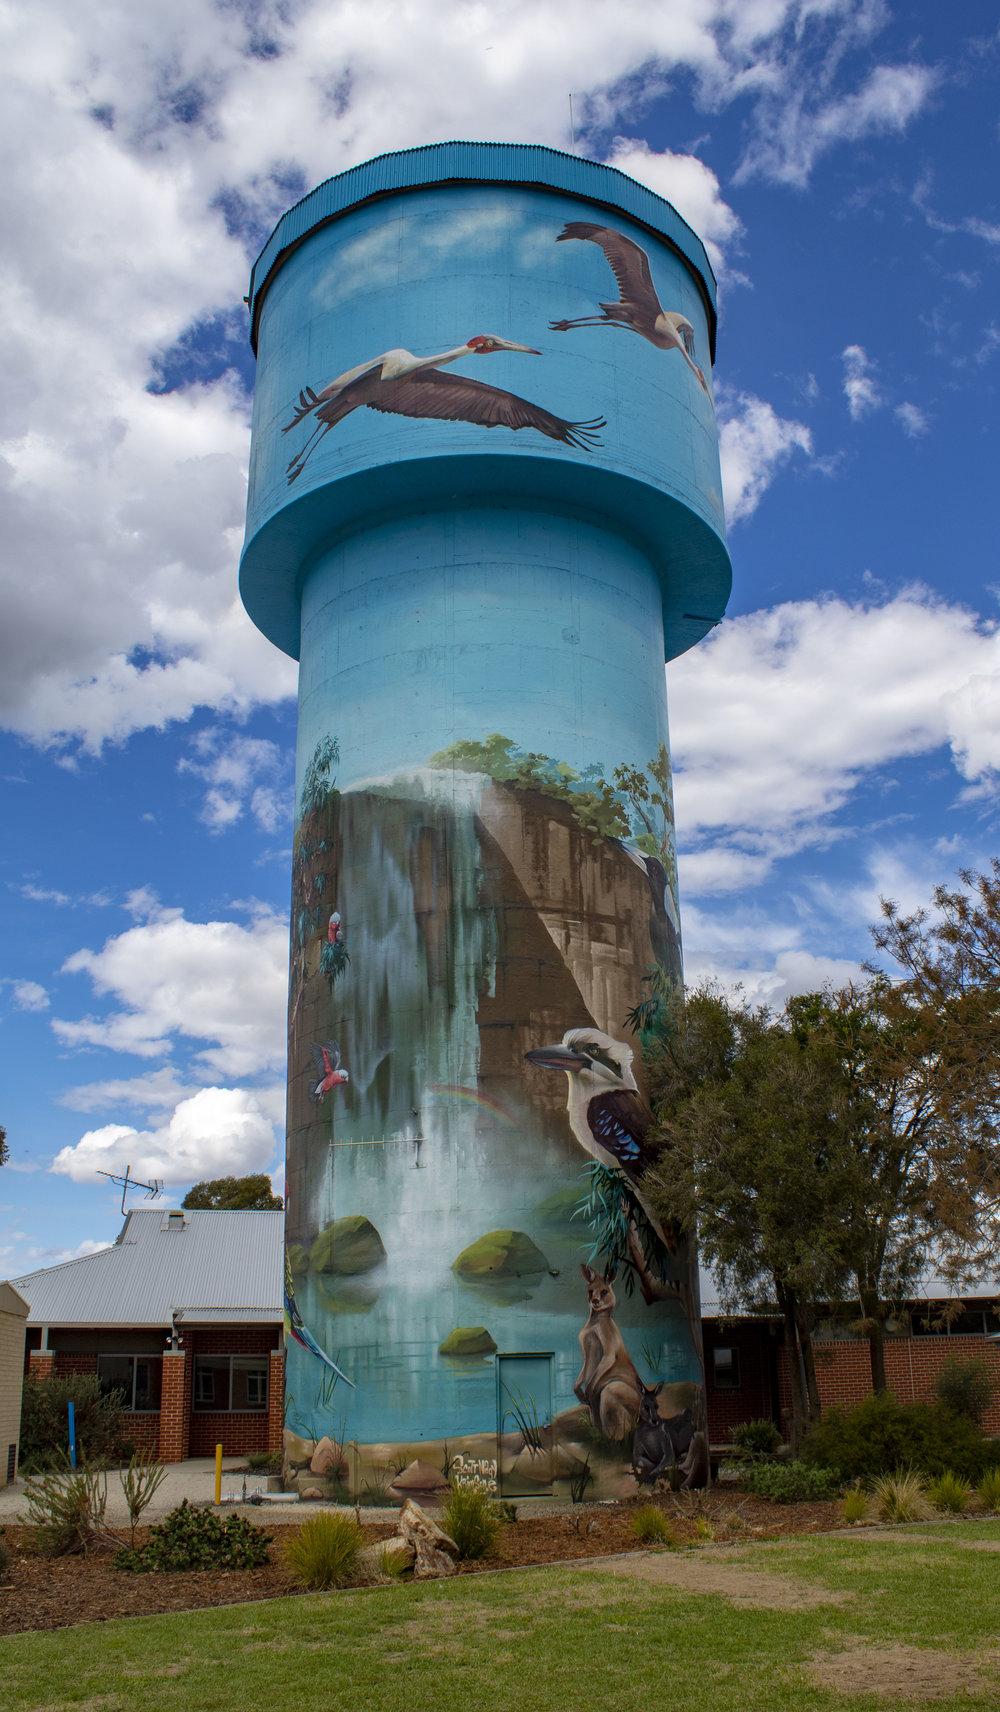 Lockhart Water Tower